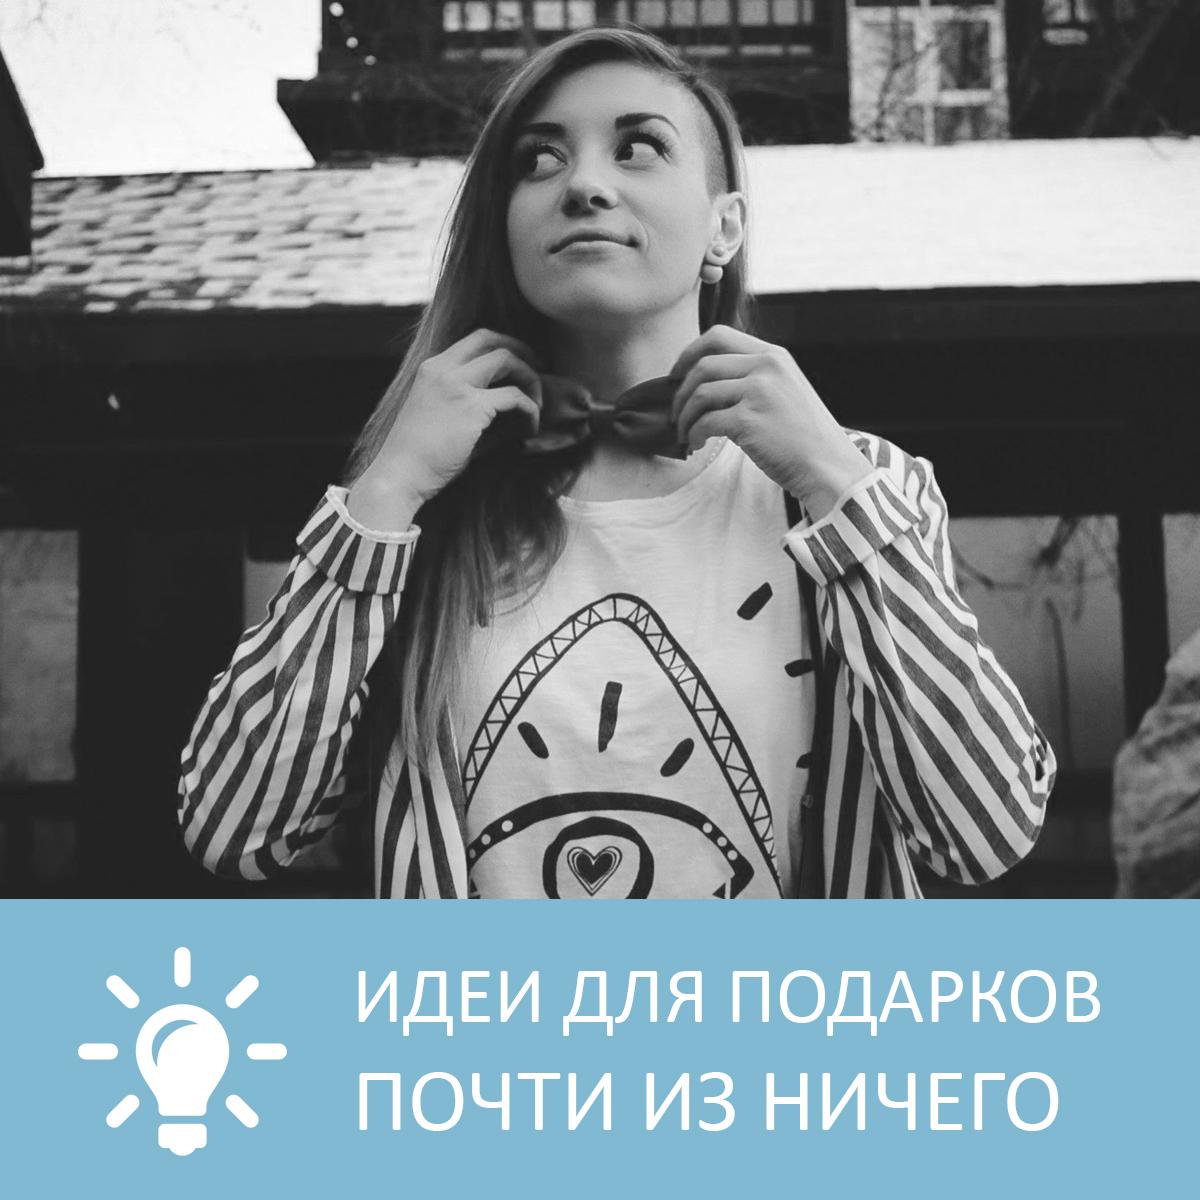 Петровна Идеи для подарков почти из ничего фоторамки и идеи для подарков pearhead